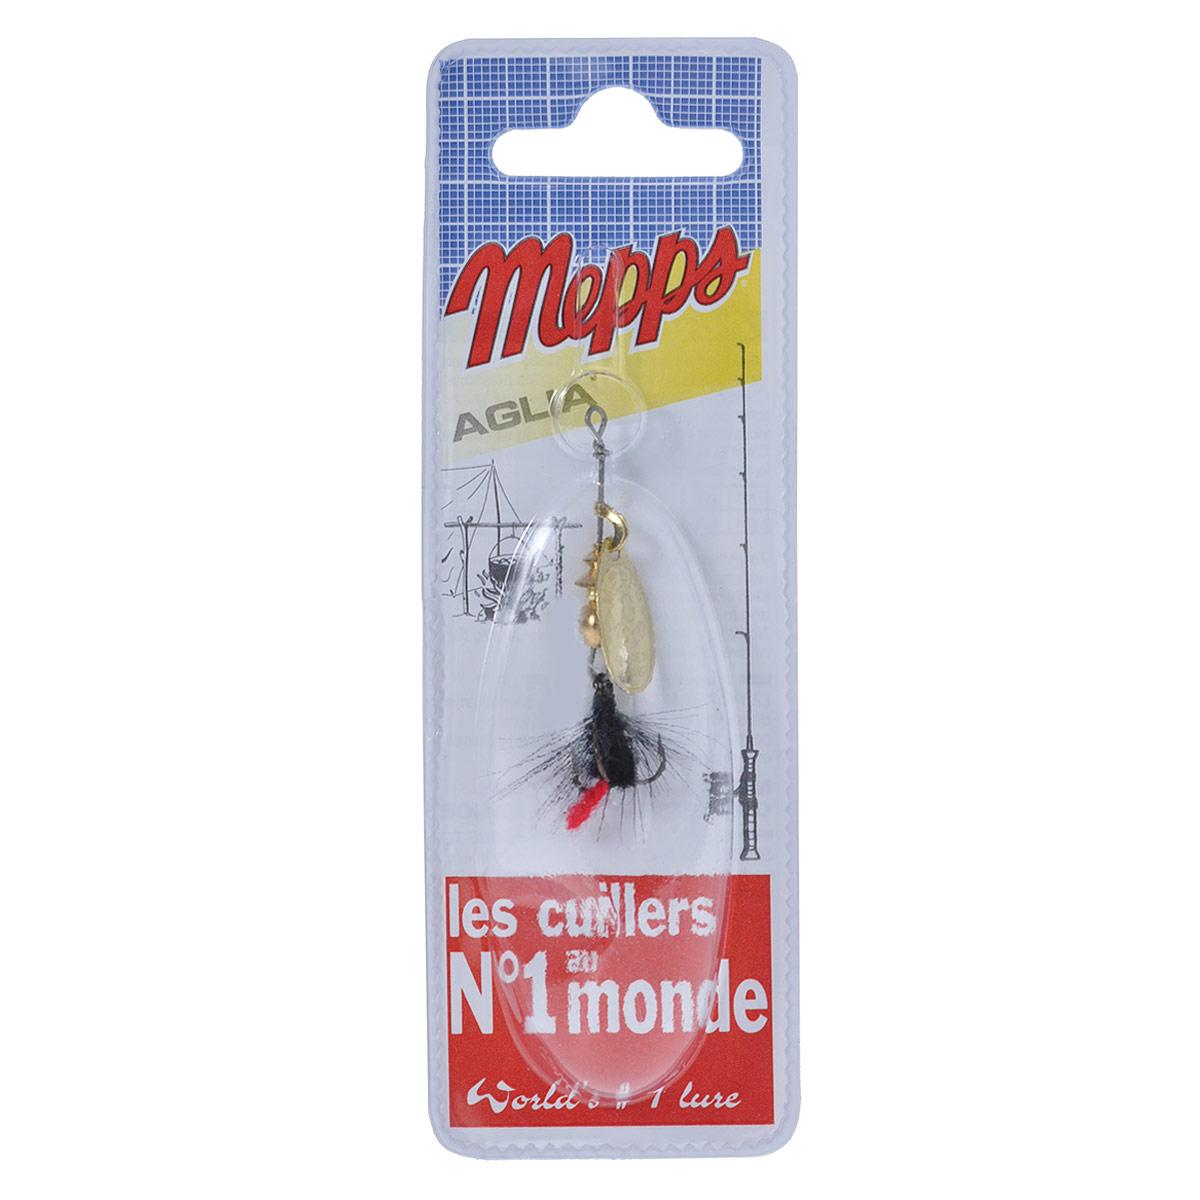 Блесна Mepps Aglia OR Mouch. Noire, вращающаяся, №0010-01199-23Вращающаяся блесна Mepps Aglia OR Mouch. Noire оснащена мушкой из натурального беличьего хвоста, это очень эффективные приманки для ловли жереха, голавля, язя, окуня и других видов рыб, особенно в периоды массового вылета насекомых.Aglia Mouche - некрупная блесна, которая особенно подходит для летней ловли рыбы (особенно осторожной) на мелководье.